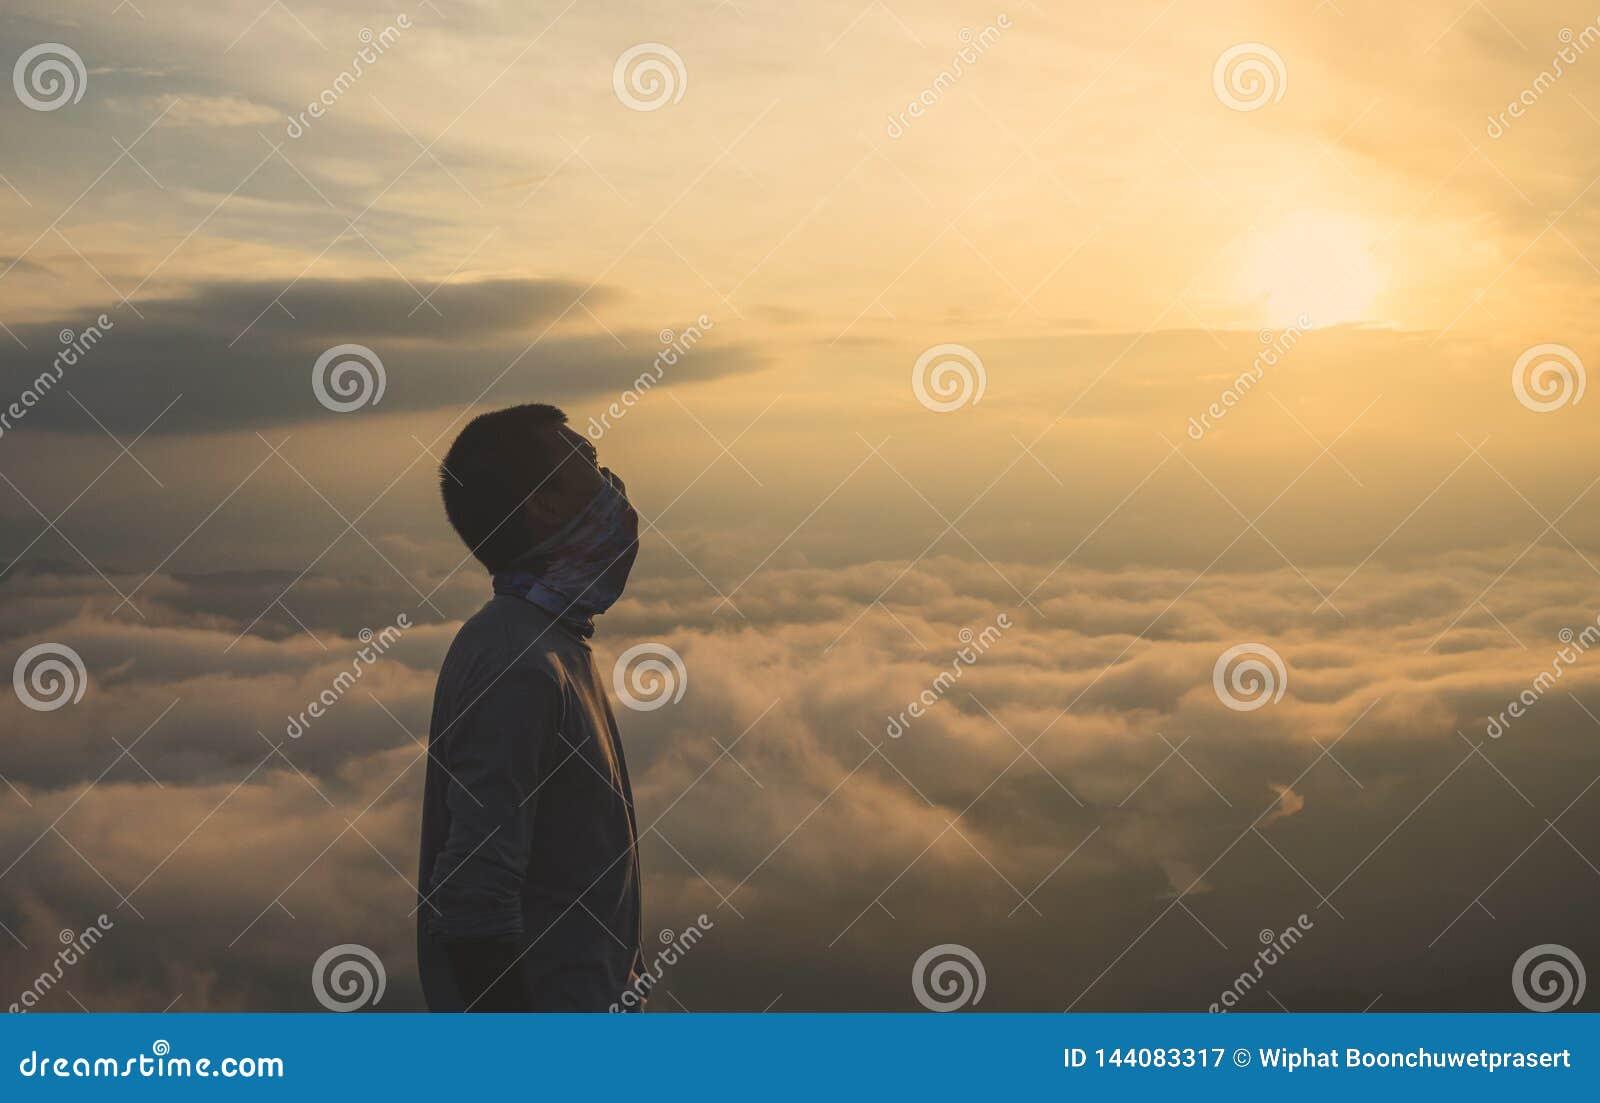 Kontur av manligt i soluppgångbakgrund